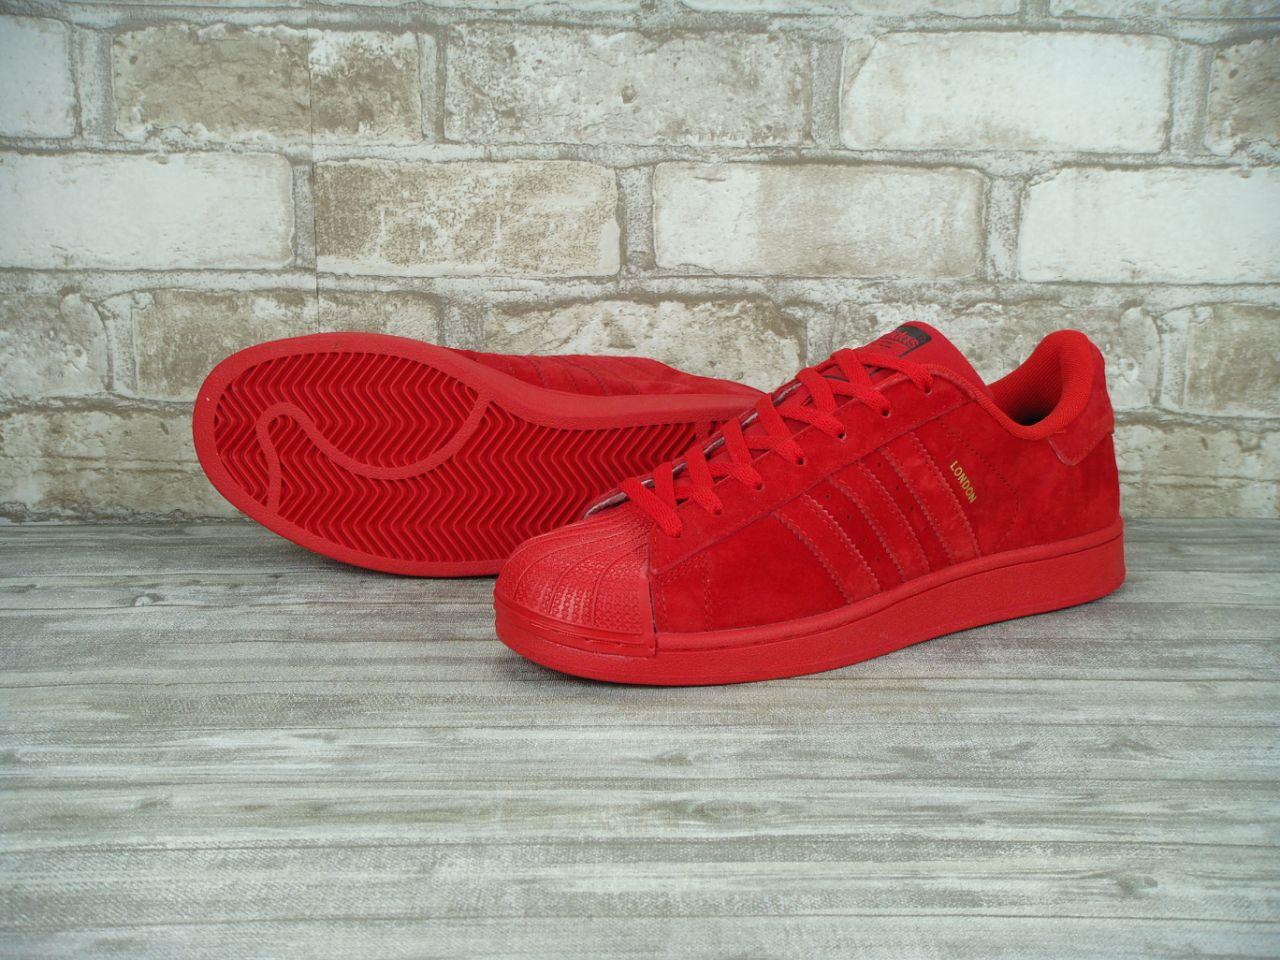 4a2034e8 Мужские кроссовки Adidas Superstar London в красном цвете купить в ...